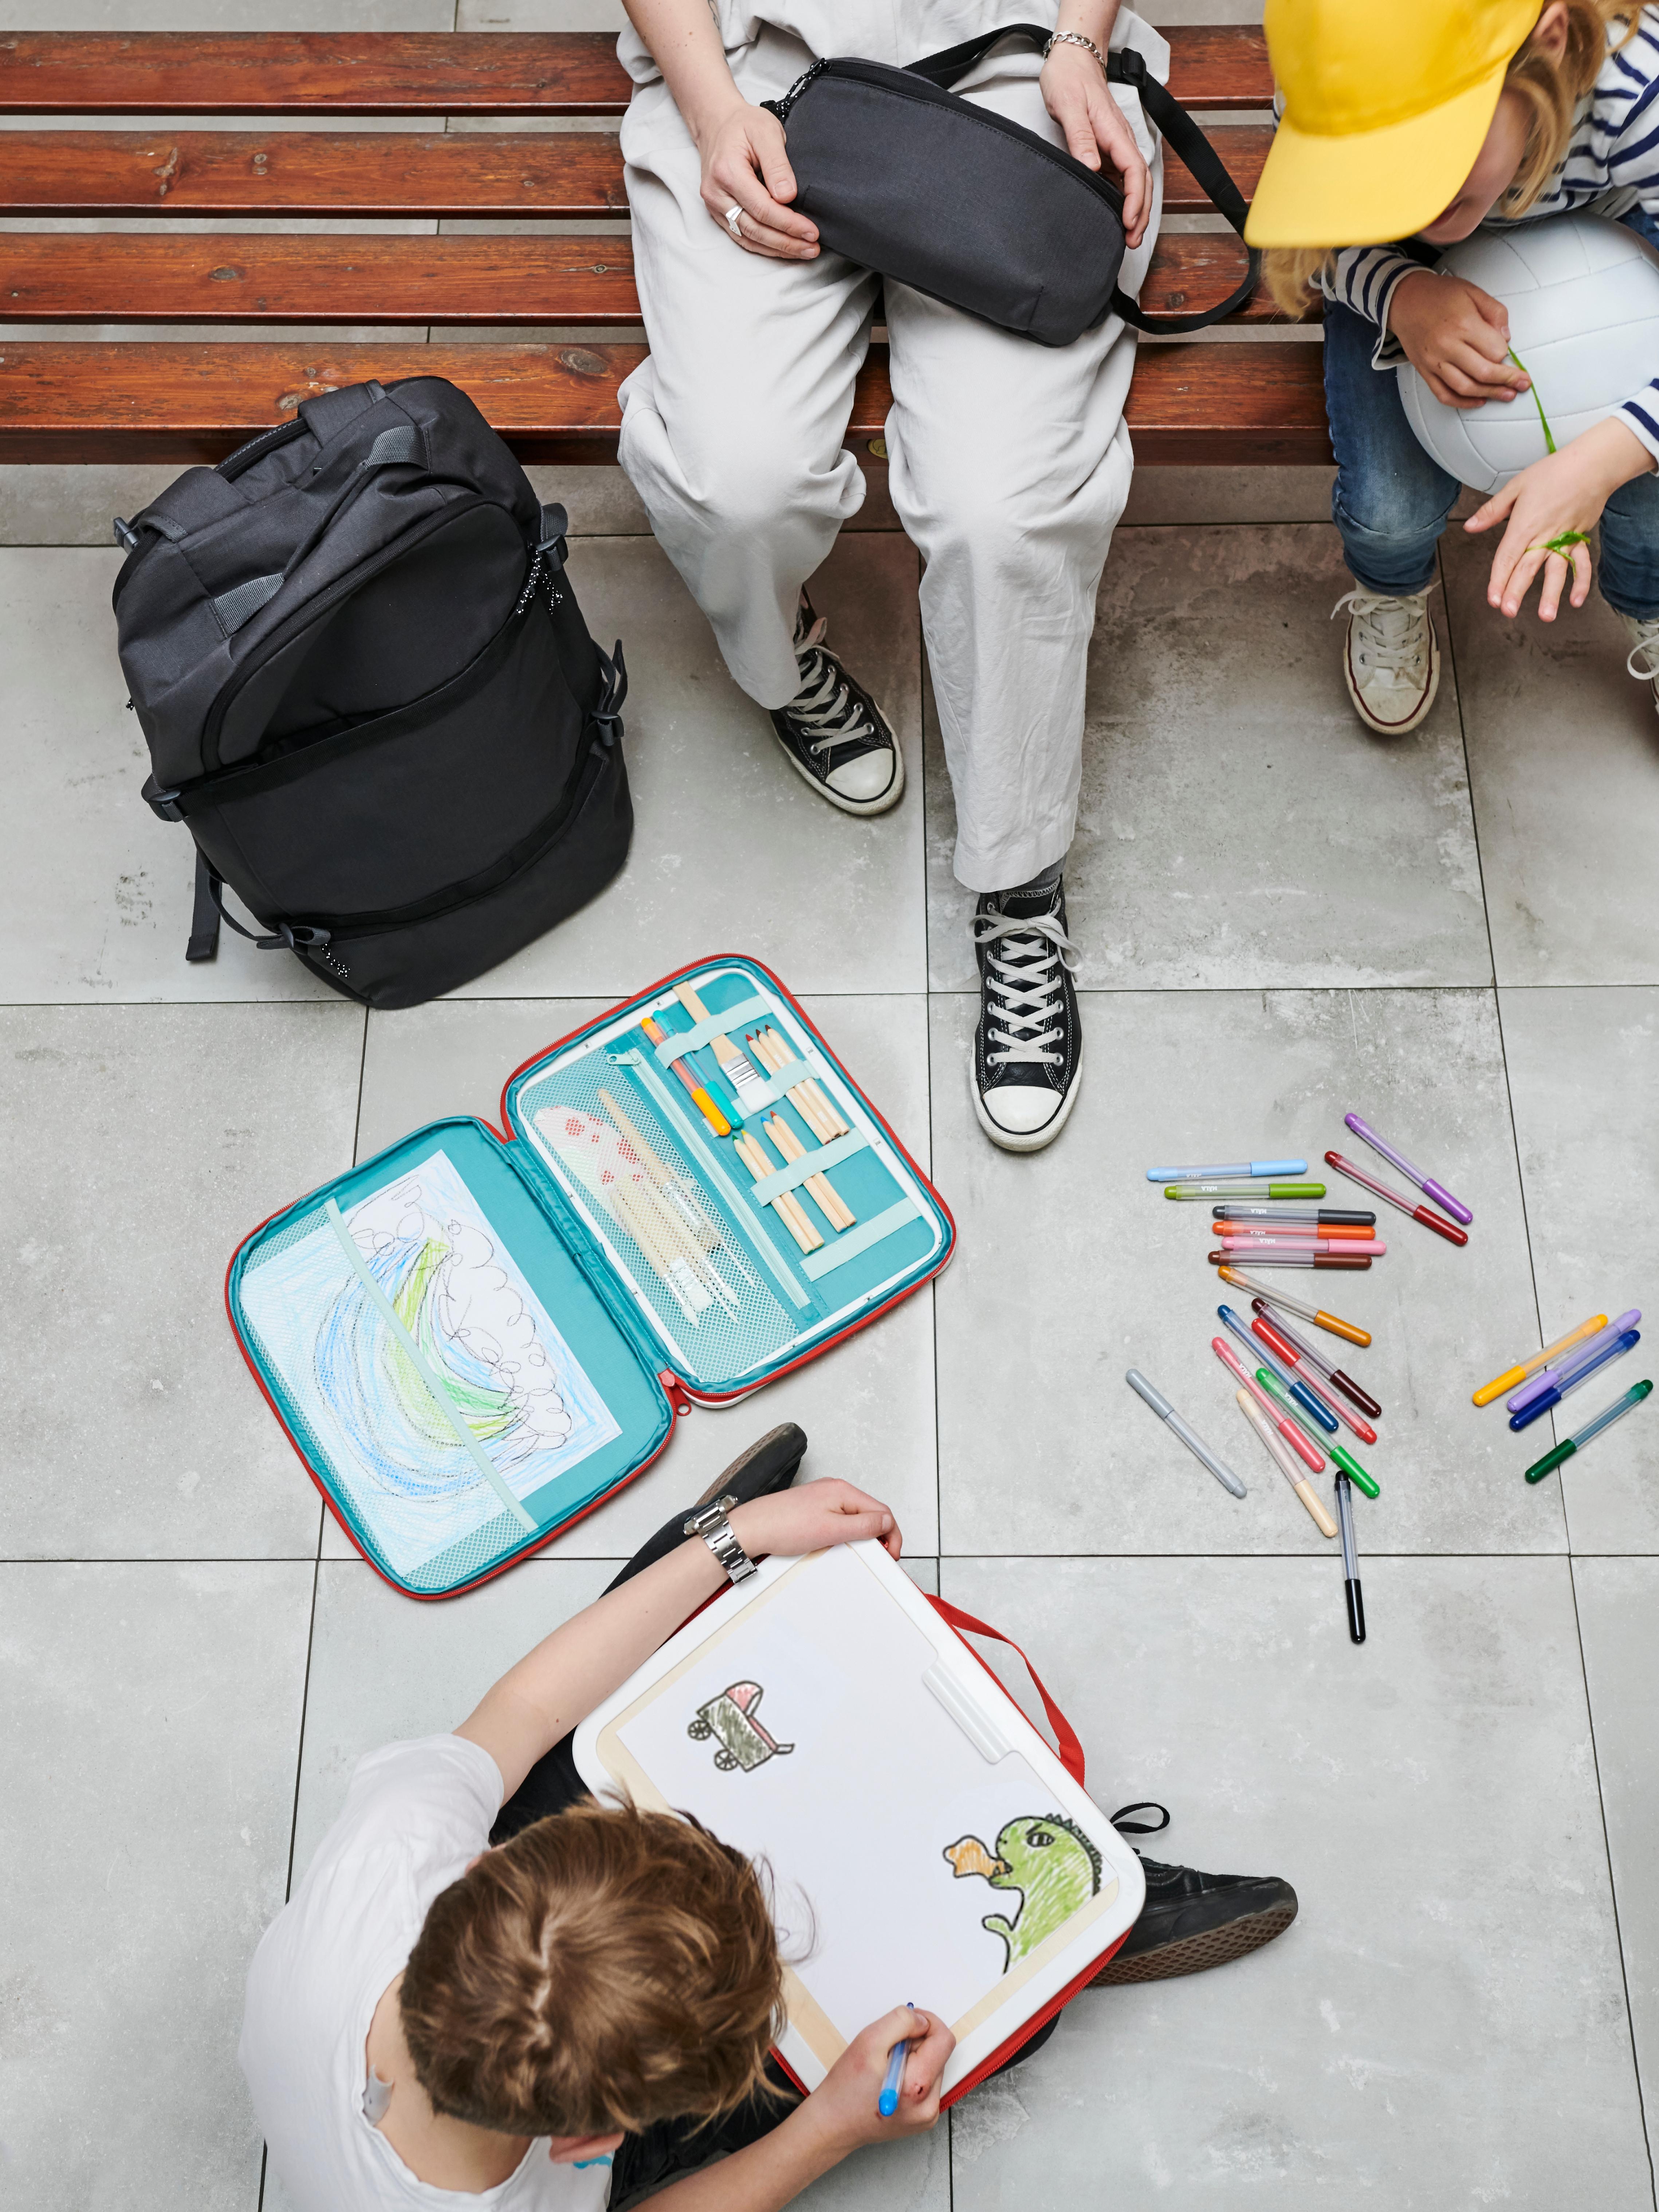 MÅLA/モーラ ポータブルお絵描きケースでお絵描きしている男の子。床に散らばったペン、バックパック。ベンチに座っている人2名。